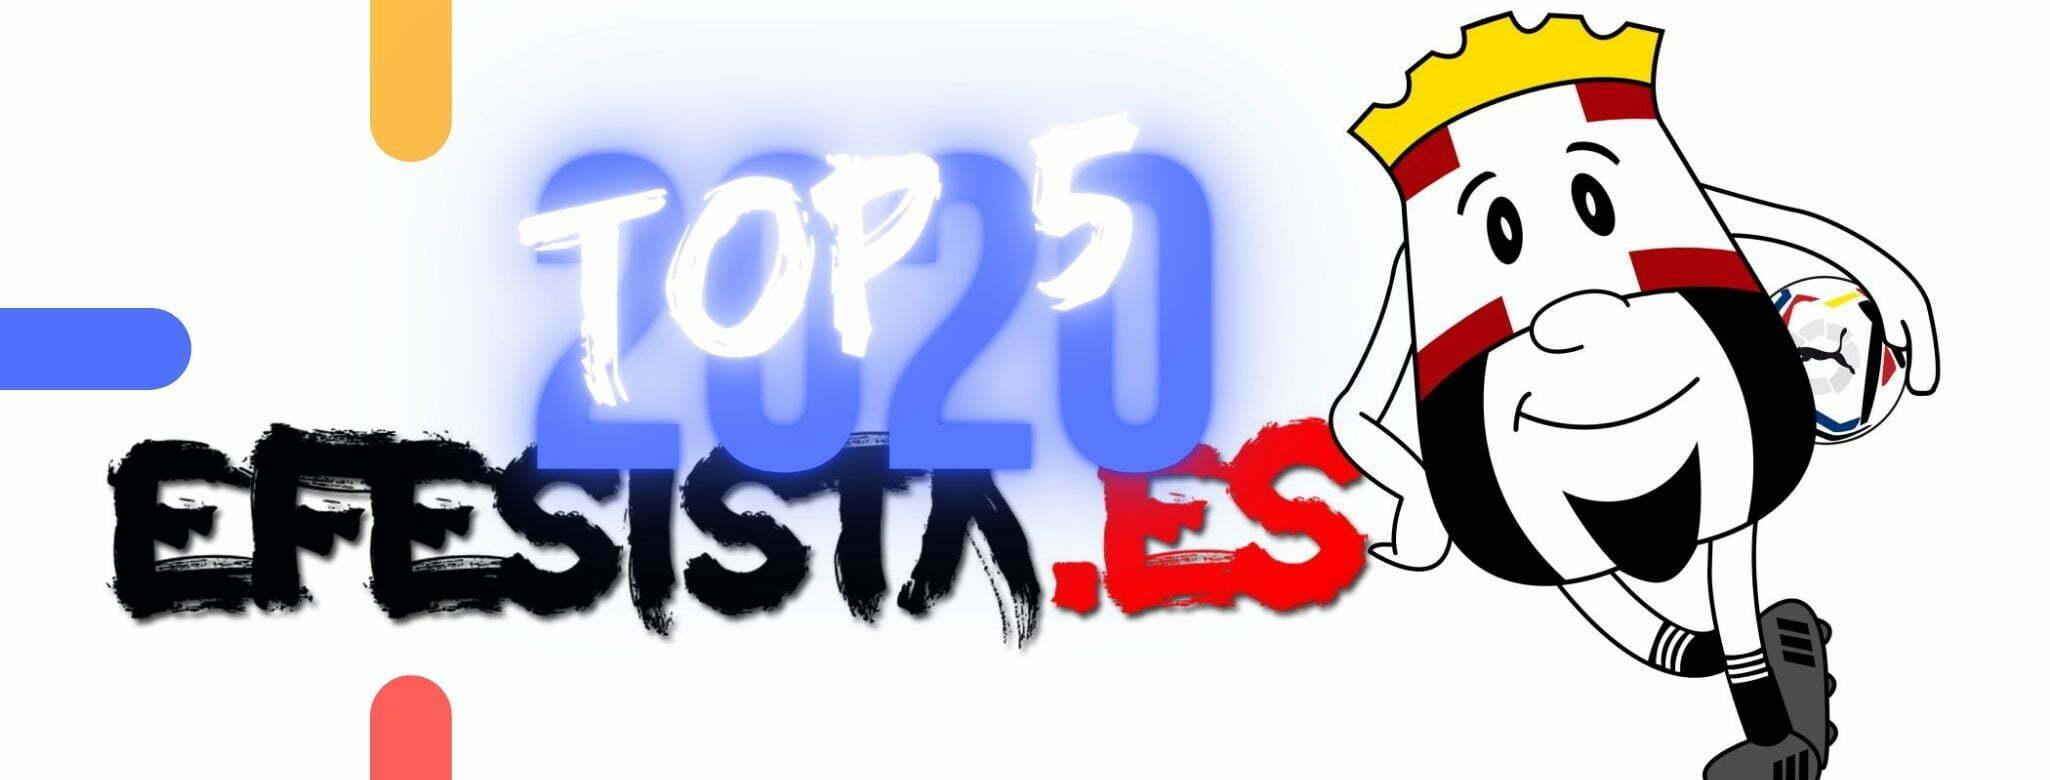 Efesista